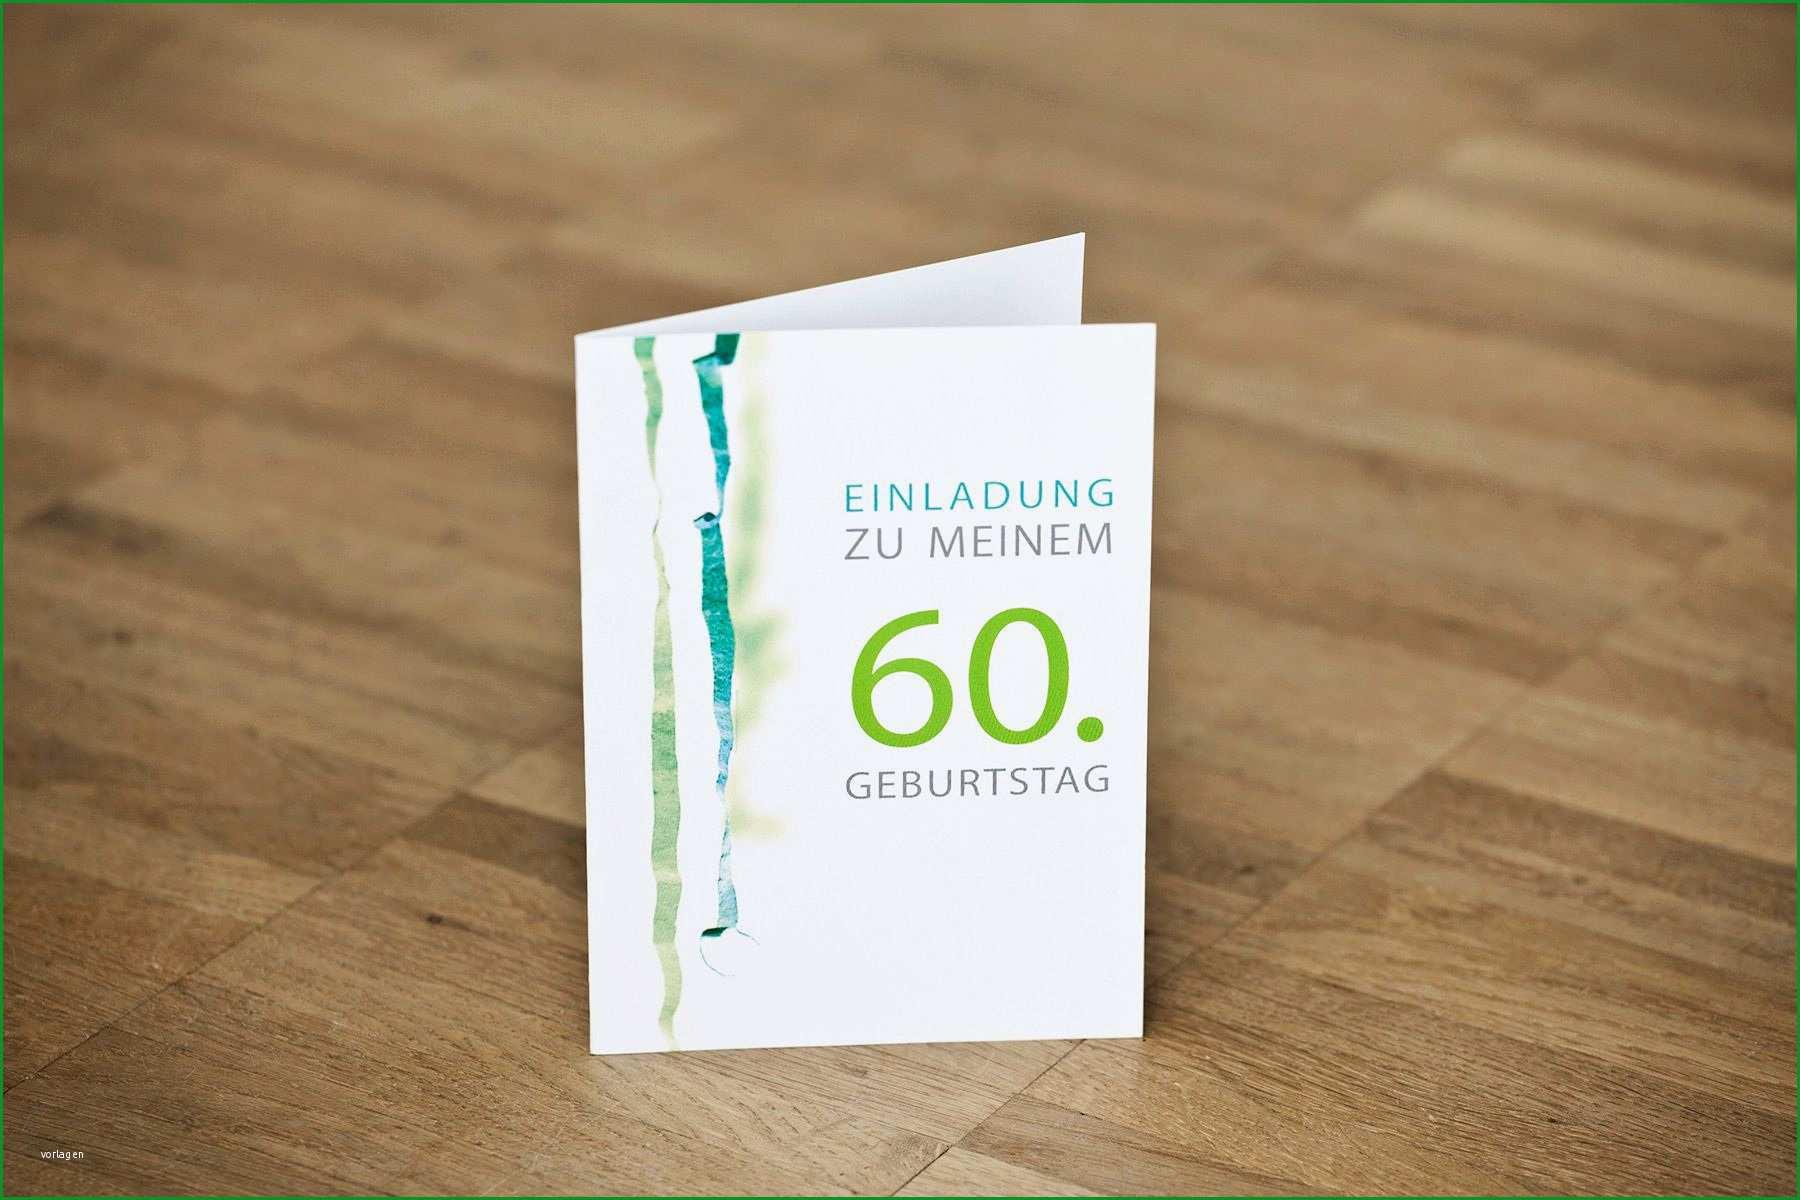 einladung 60 geburtstag vorlage word kostenlos